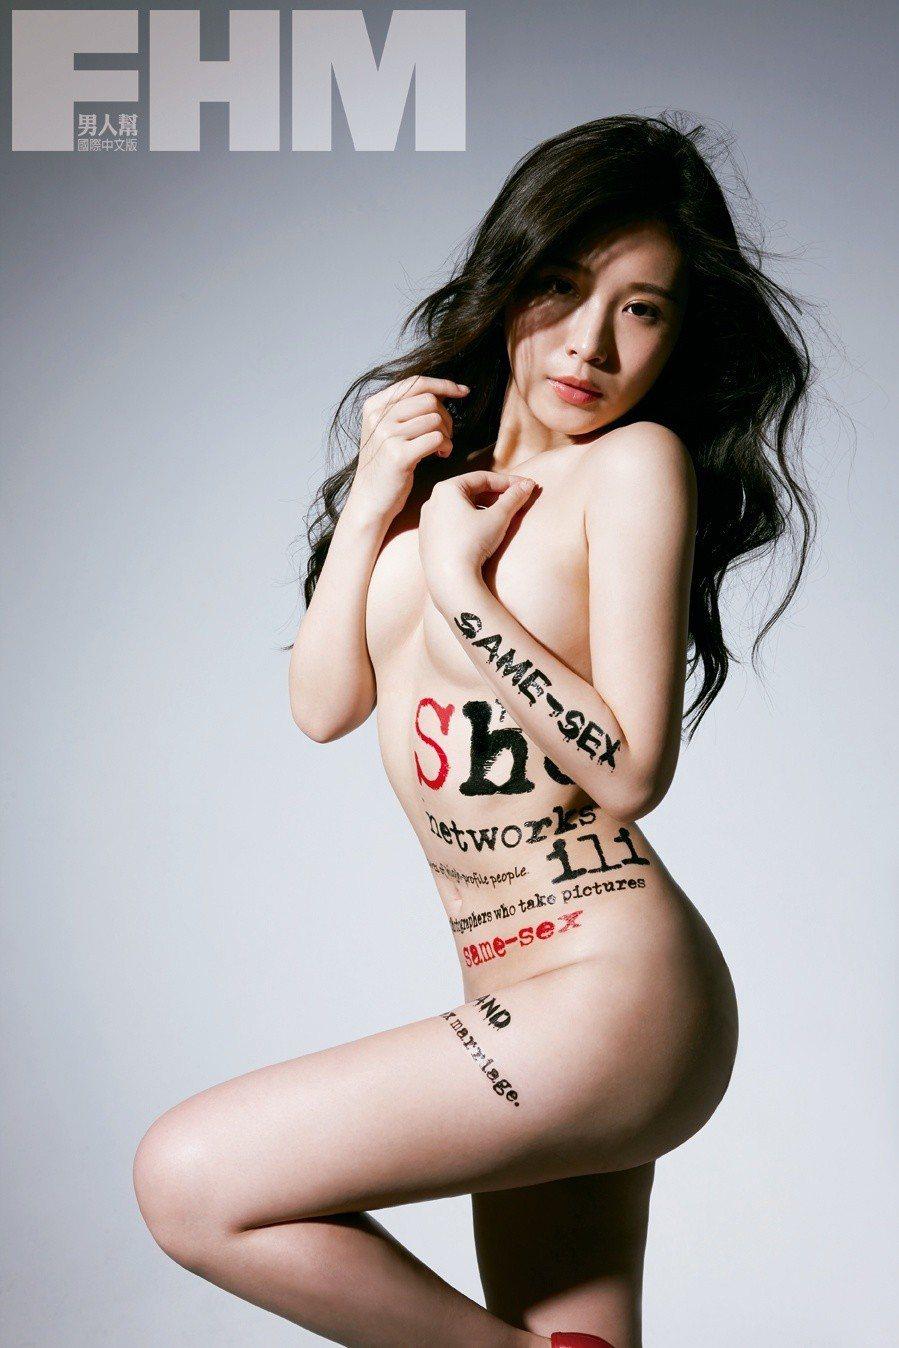 雞排妹幾乎全裸登上雜誌。圖/FHM男人幫國際中文版提供